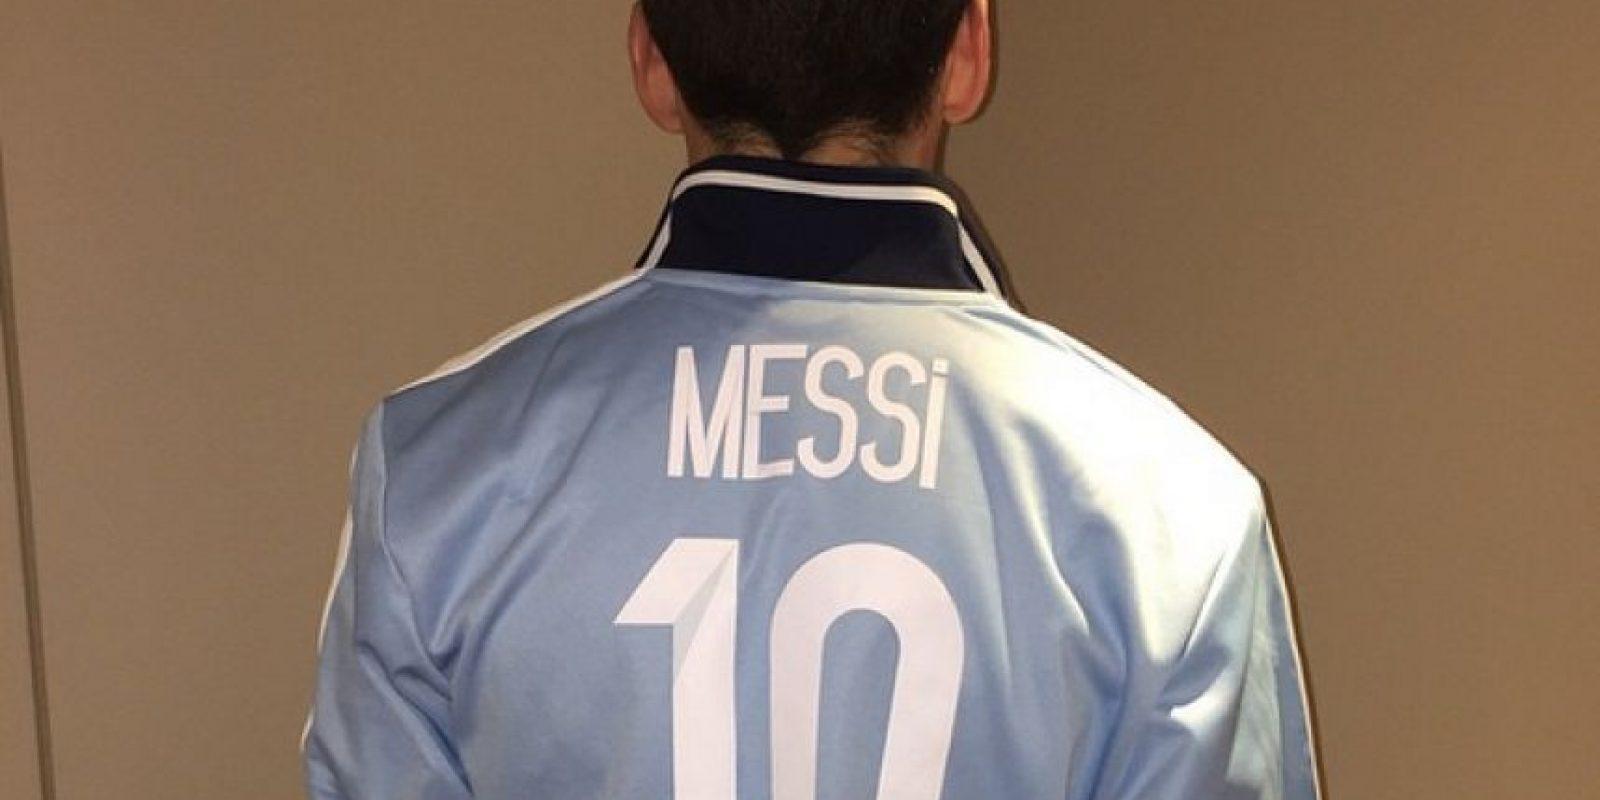 Esta es la imagen con la que Messi festejó haber superado los 10 millones de followers Foto:Instagram: @leomessi